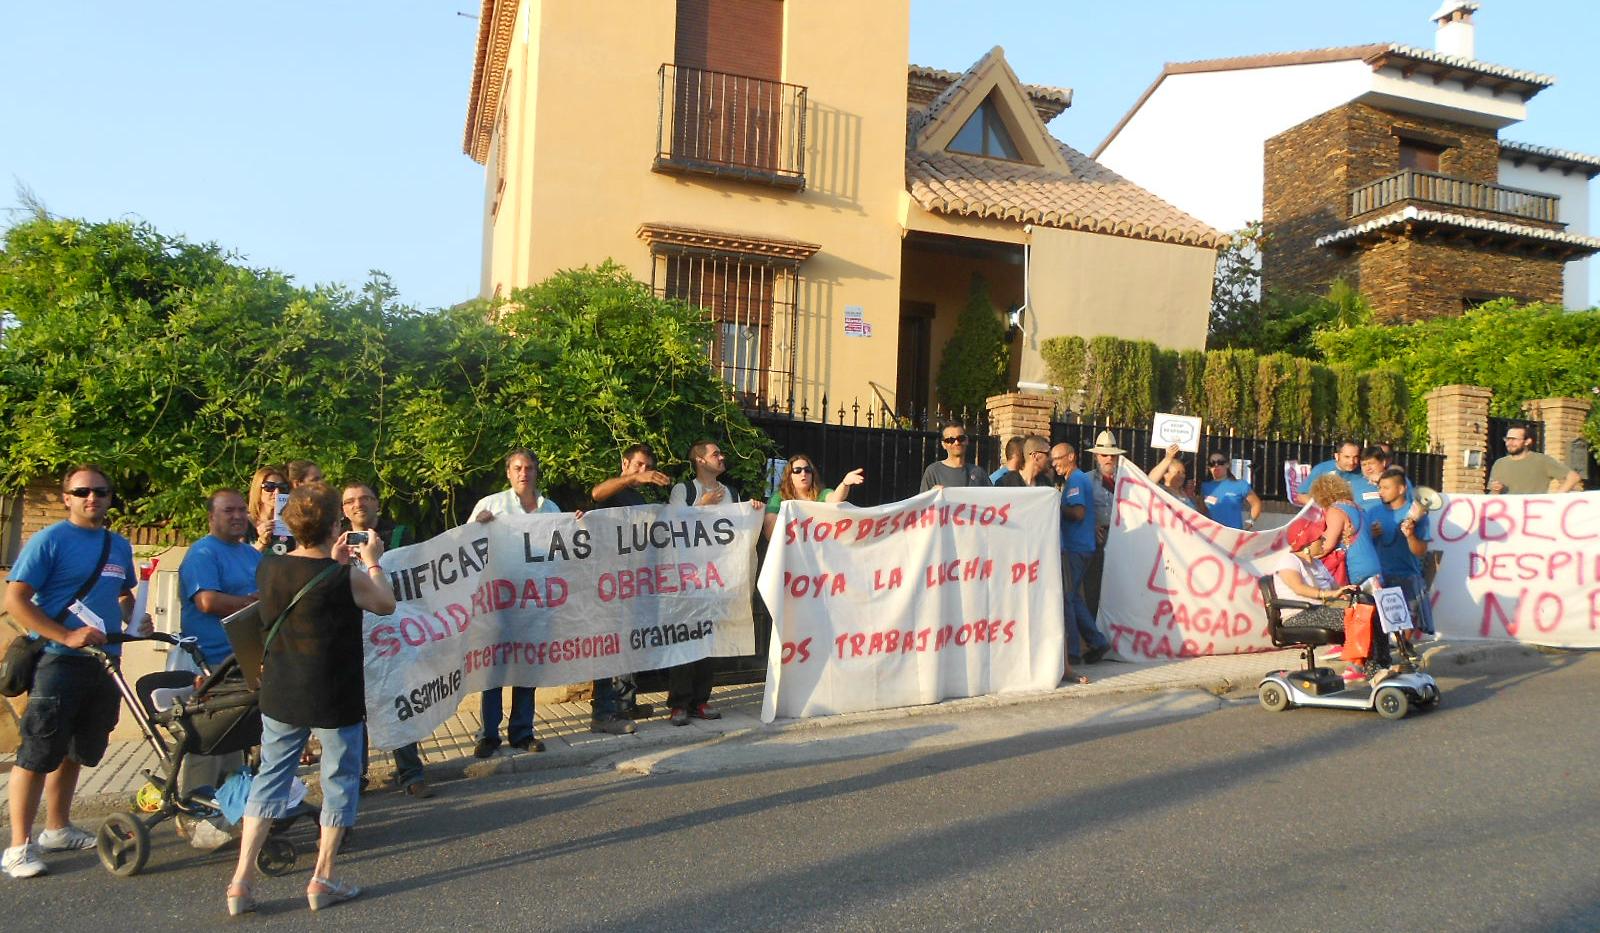 Granada; Crónica de la lucha de los trabajadores de Lobeca Imagen+144